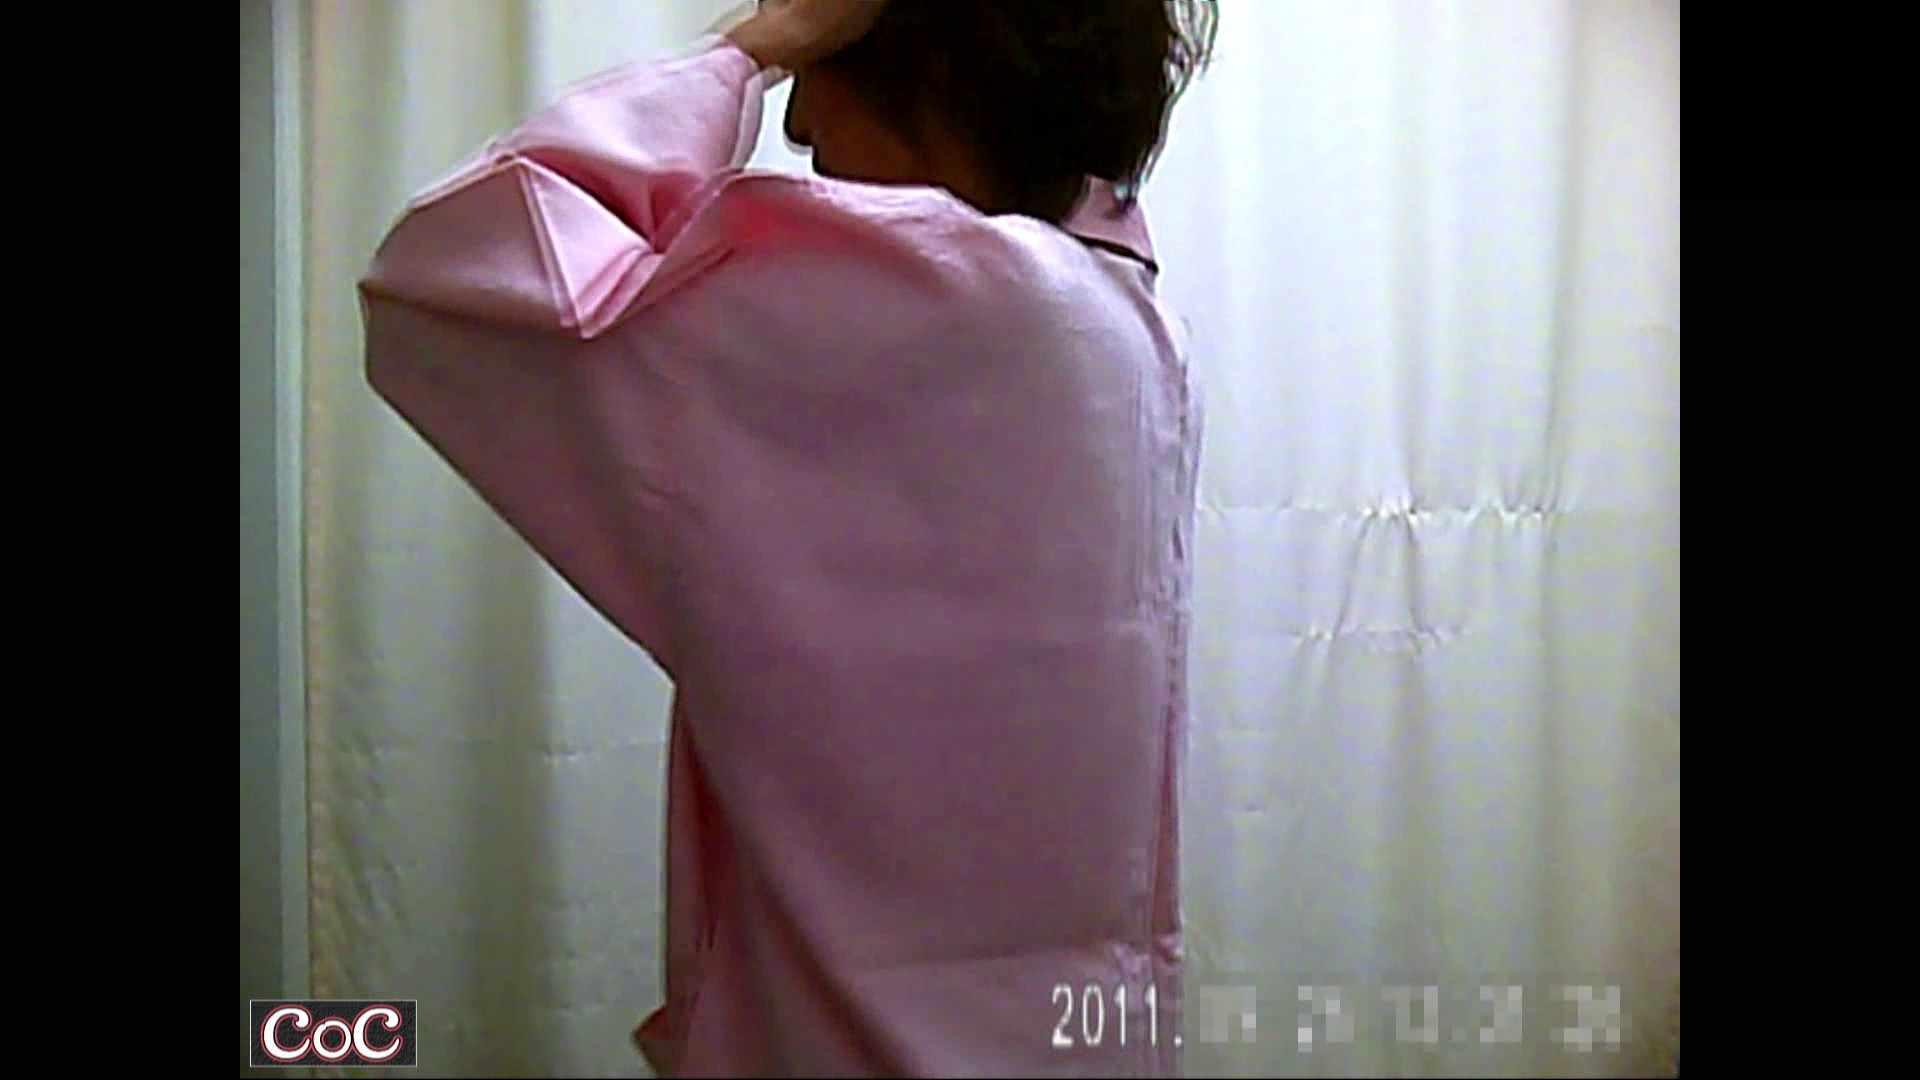 無修正エロ動画 元医者による反抗 更衣室地獄絵巻 vol.261 怪盗ジョーカー